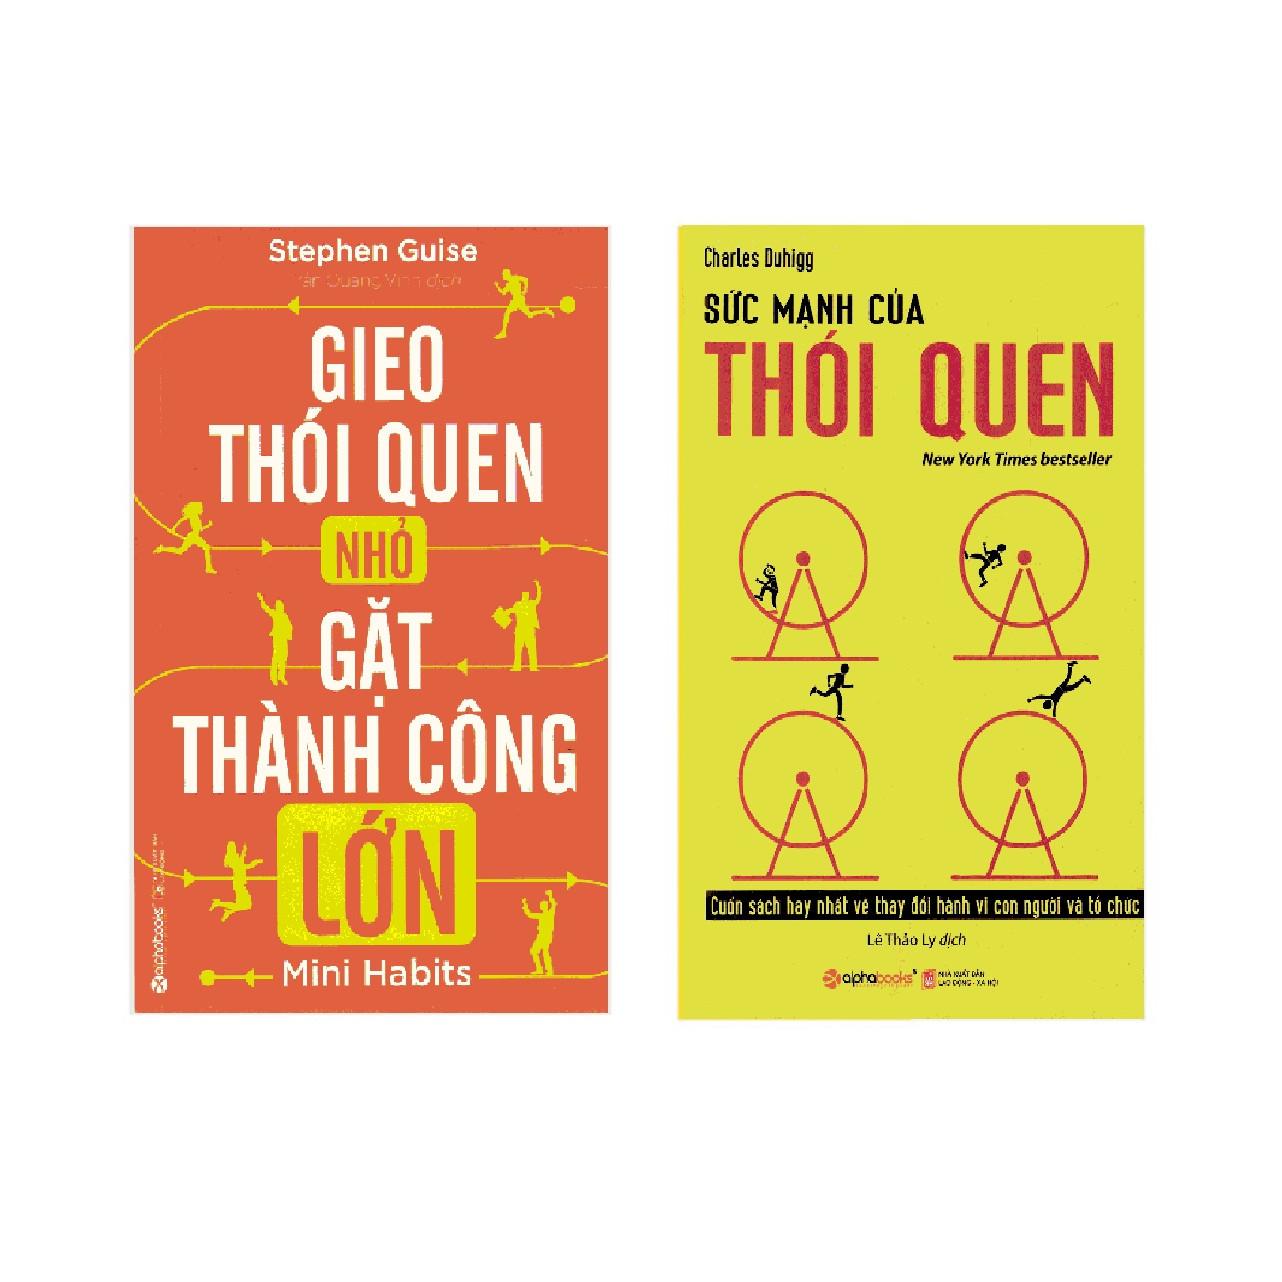 Bộ Sách Lập Thói Quen Để Thành Công ( Sức Mạnh Của Thói Quen + Gieo Thói Quen Nhỏ, Gặt Thành Công Lớn ) (Tặng Tickbook đặc biệt)